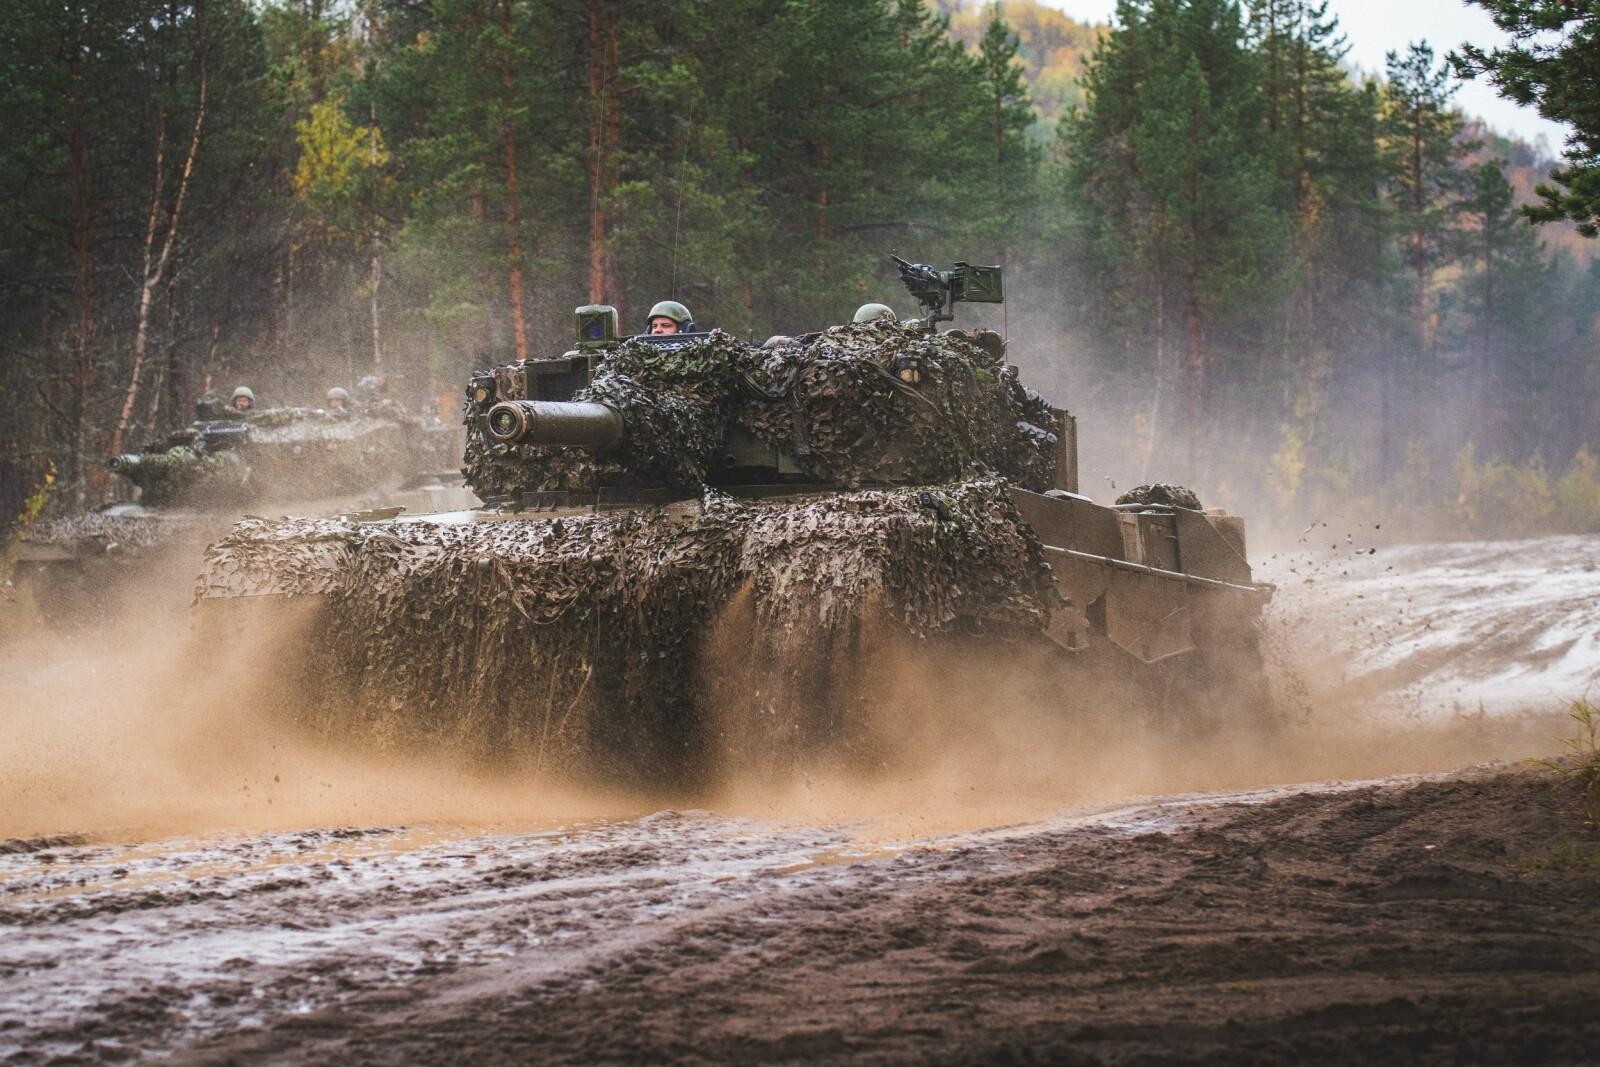 <b>LEOPARD:</b> Wisent 2s viktigste oppgave er støtteoppgaver for stridsvognen Leopard 2 (bildet). Wisent 2 er for øvrig basert på Leopard 2.